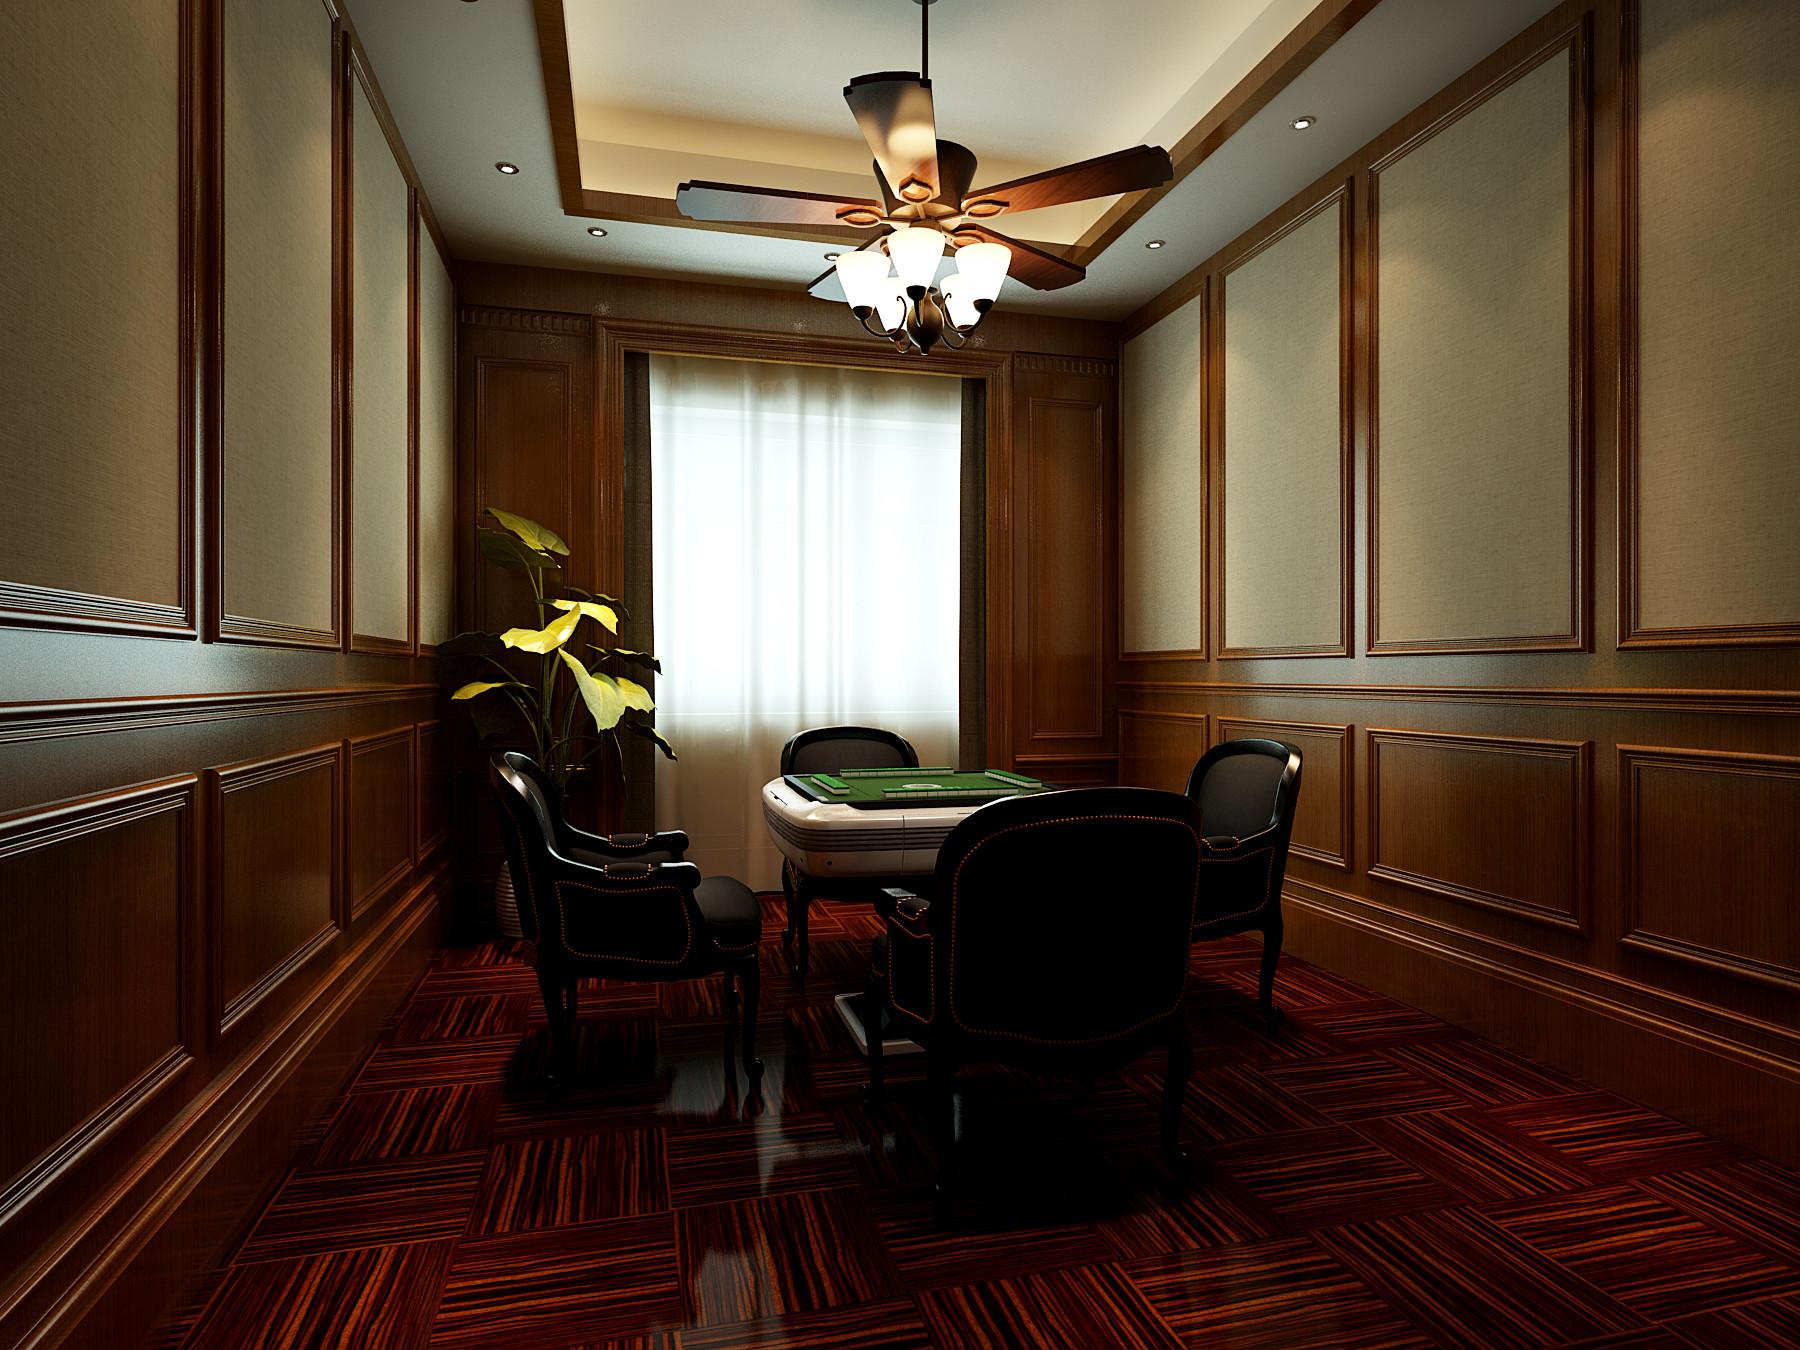 美式豪华四房装修娱乐室效果图